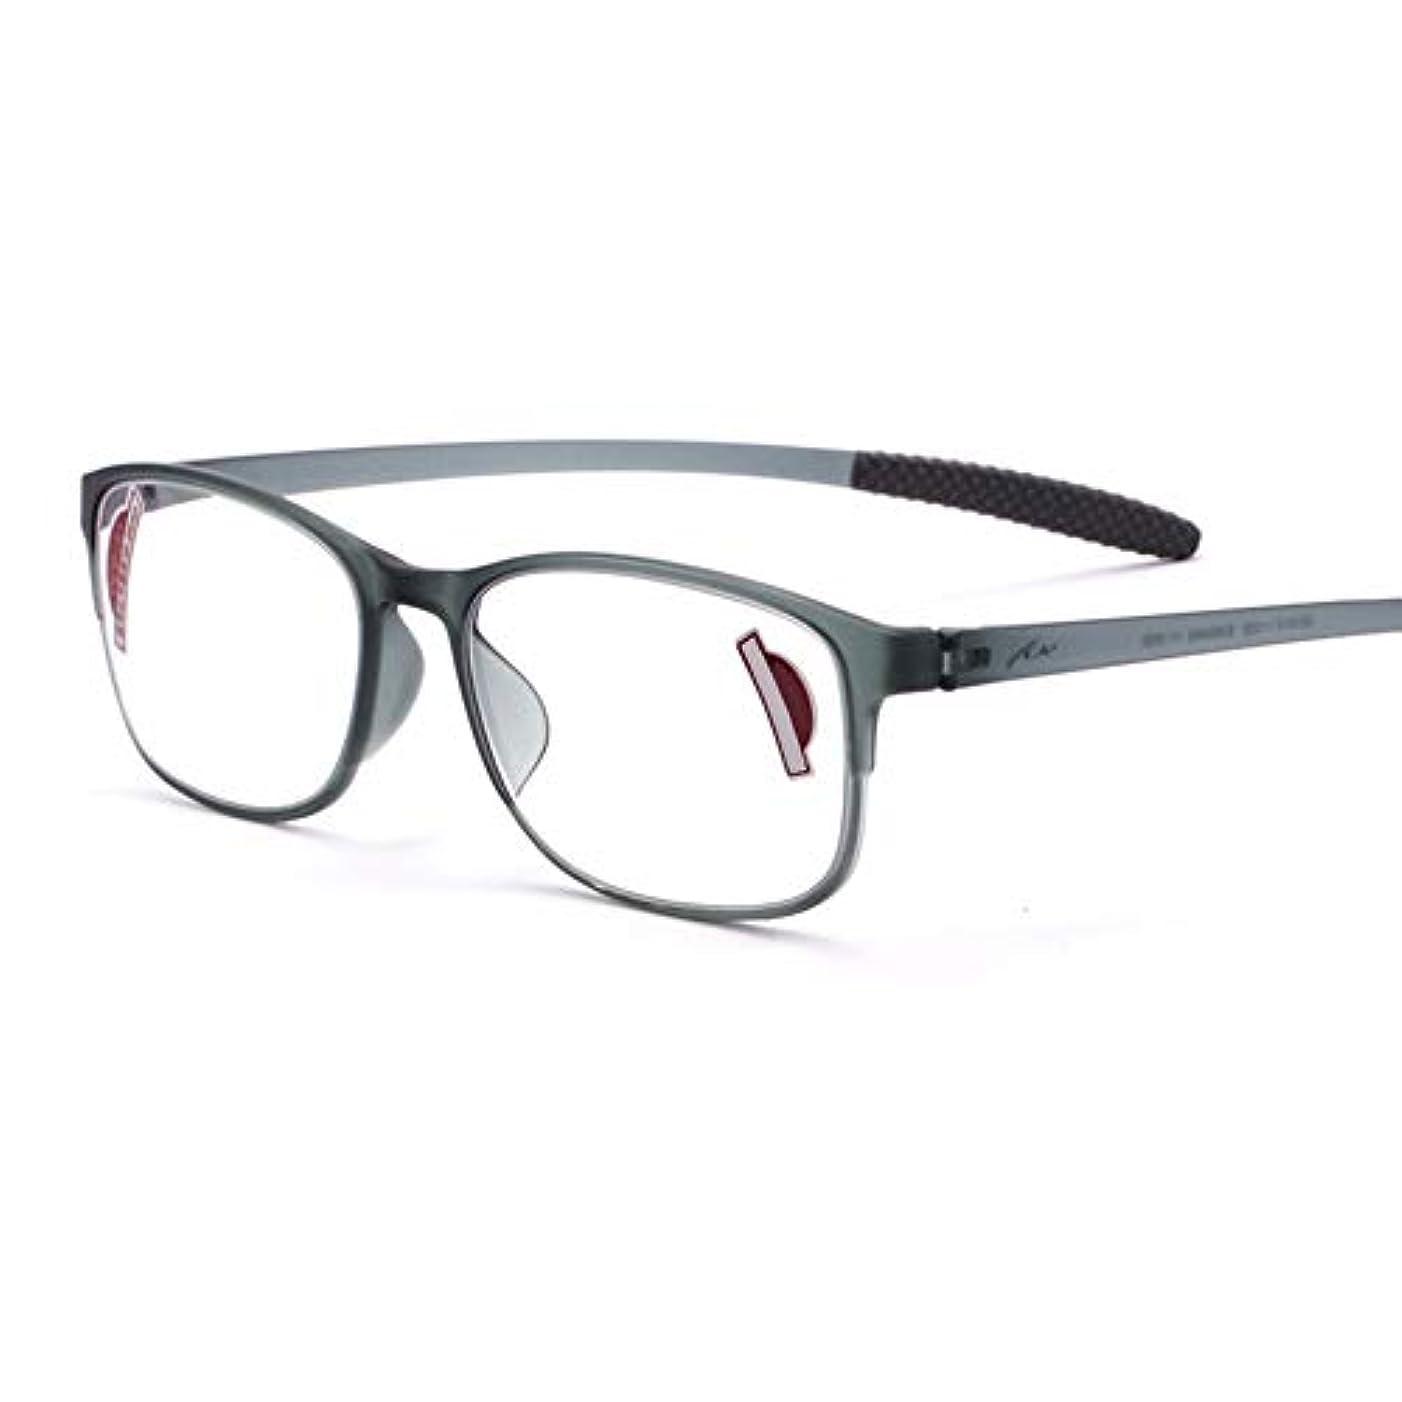 老眼鏡 ケース付き ユニセックス アンチブルーライト 透明レンズ アンチUV ビンテージ アイウェア コンピューターメガネ ゲームメガネ 1.0?3.0の強さ にとって おとこ 女性 読者